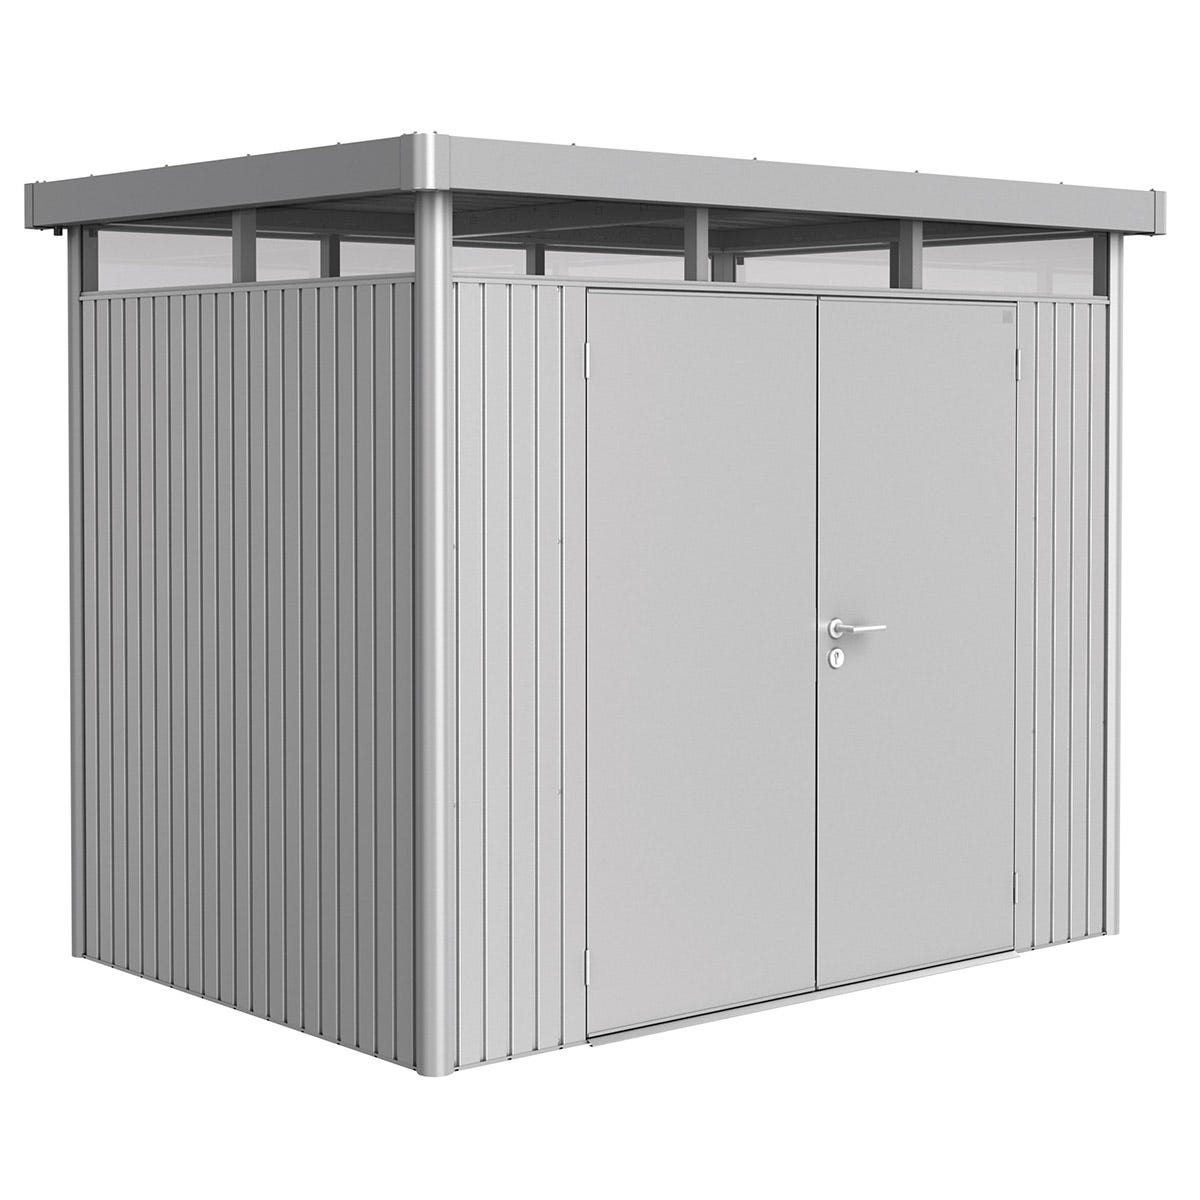 Biohort Highline Metal Shed H2 Double door 9 x 6 - Metallic Silver